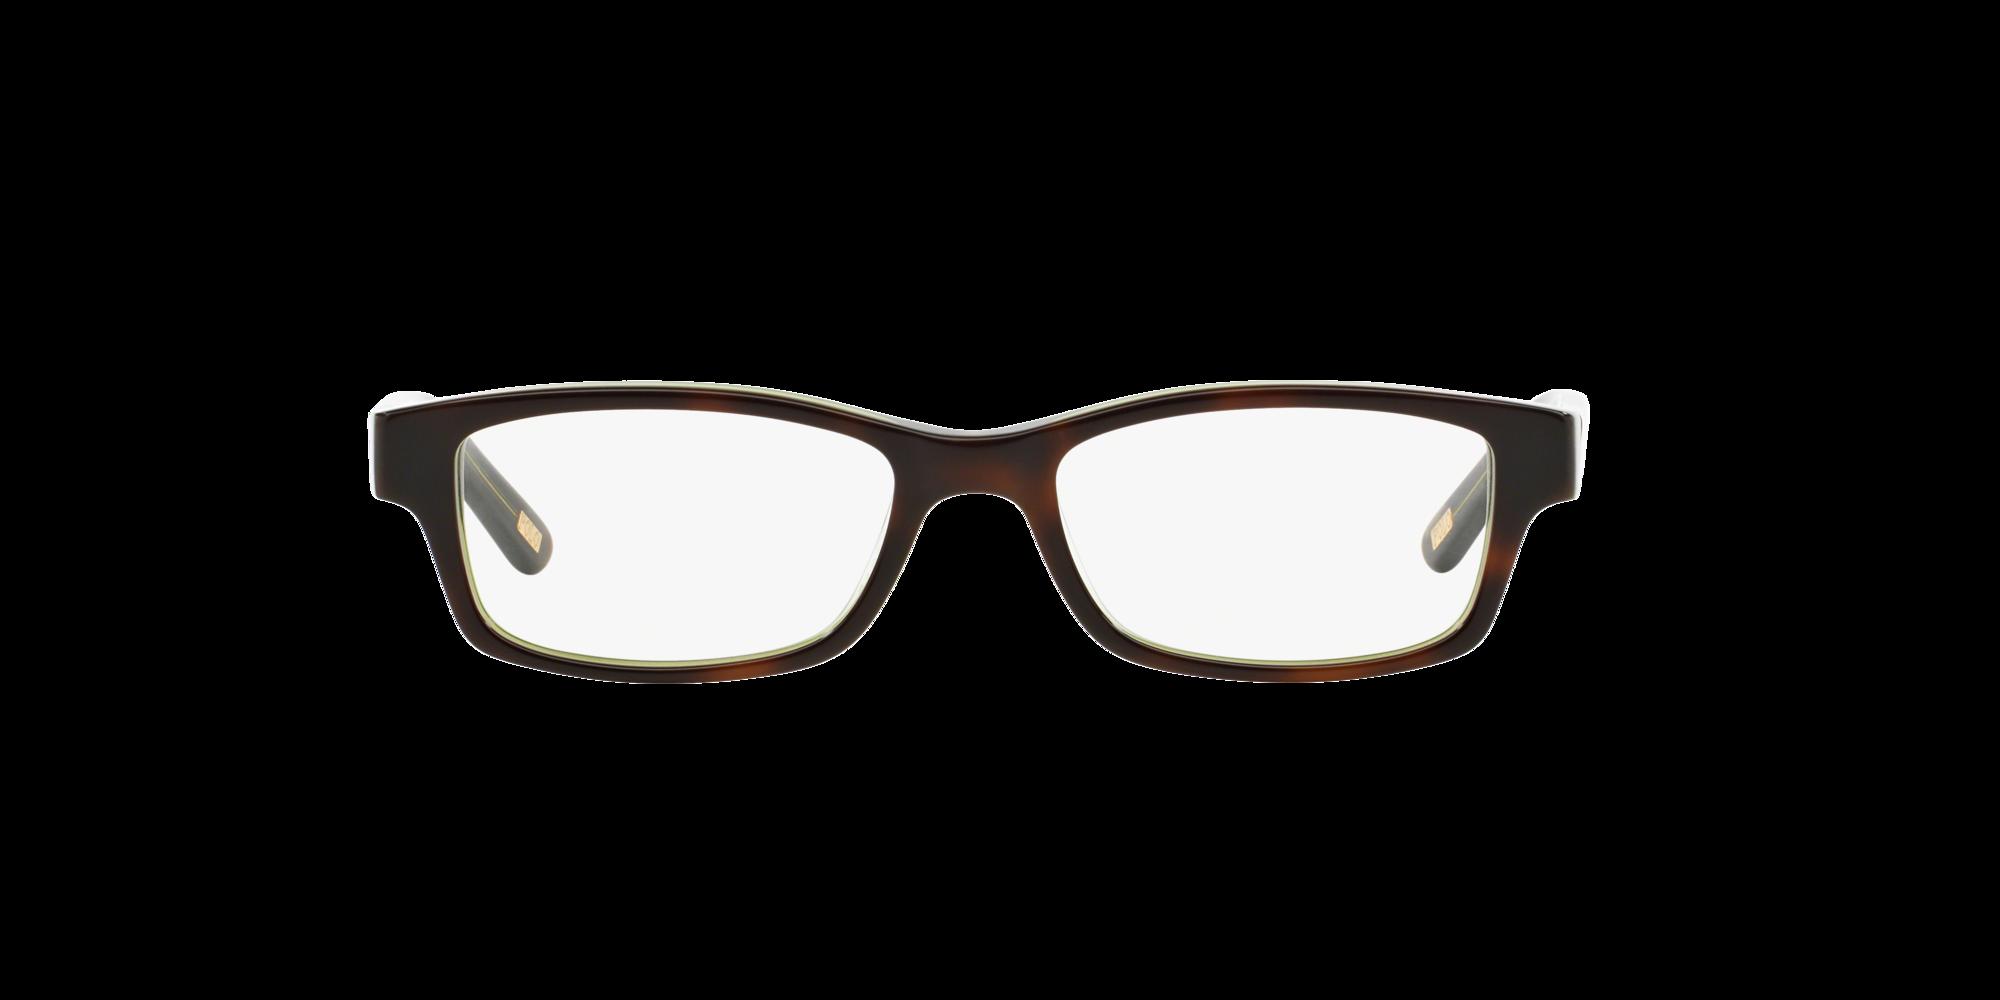 Imagen para PP8518 de LensCrafters |  Espejuelos, espejuelos graduados en línea, gafas